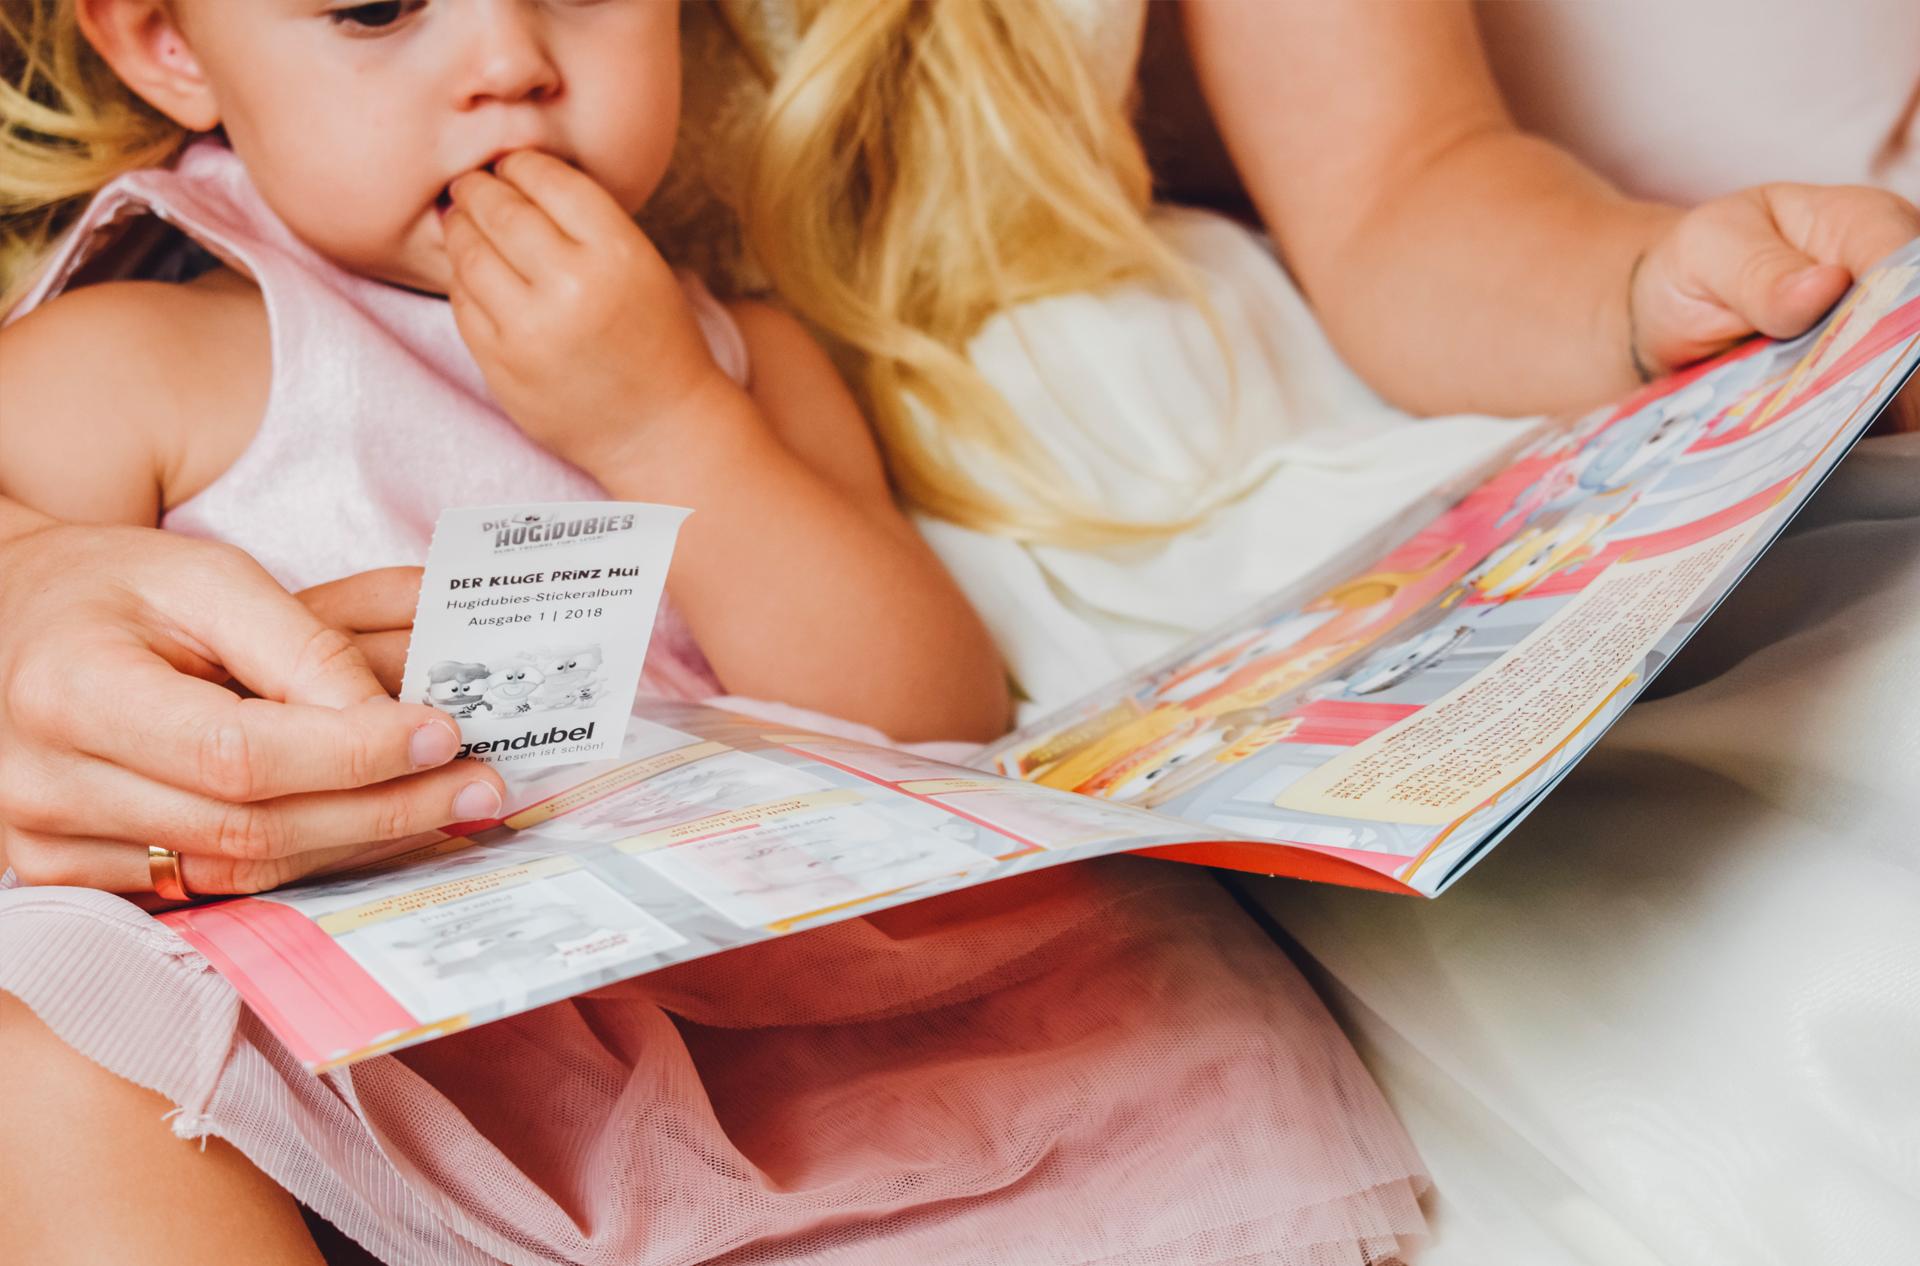 5 Tipps, wie ihr die Lese-Liebe eurer Kinder fördert inkl. gratis Stickeralbum von Hugendubel 5